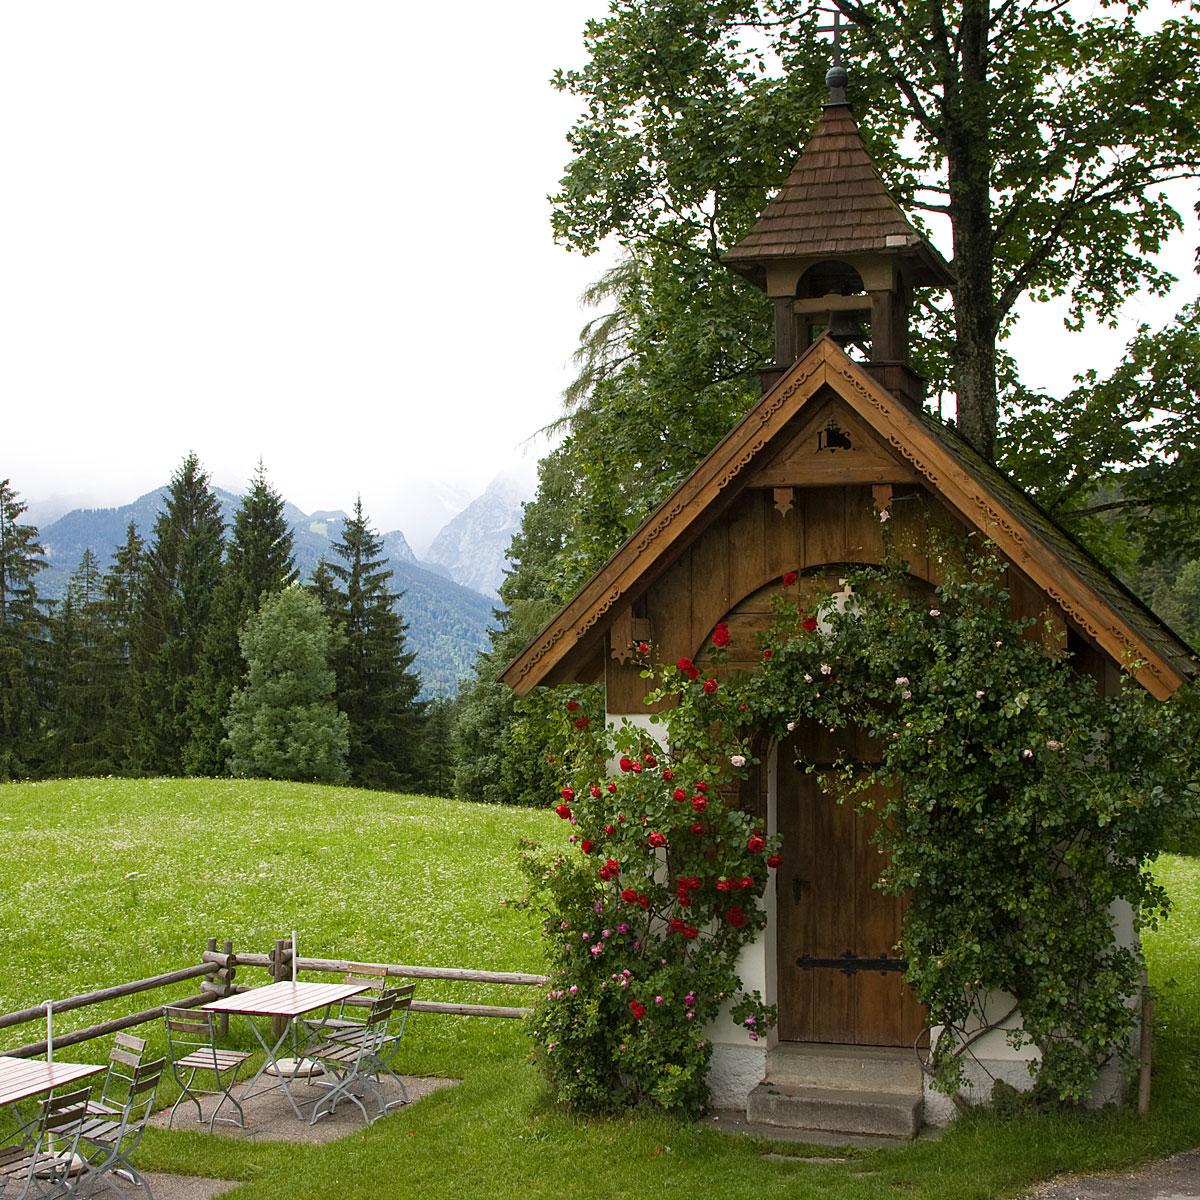 Artikelbild Tageswanderung blühende Almwiesen mit Kapelle